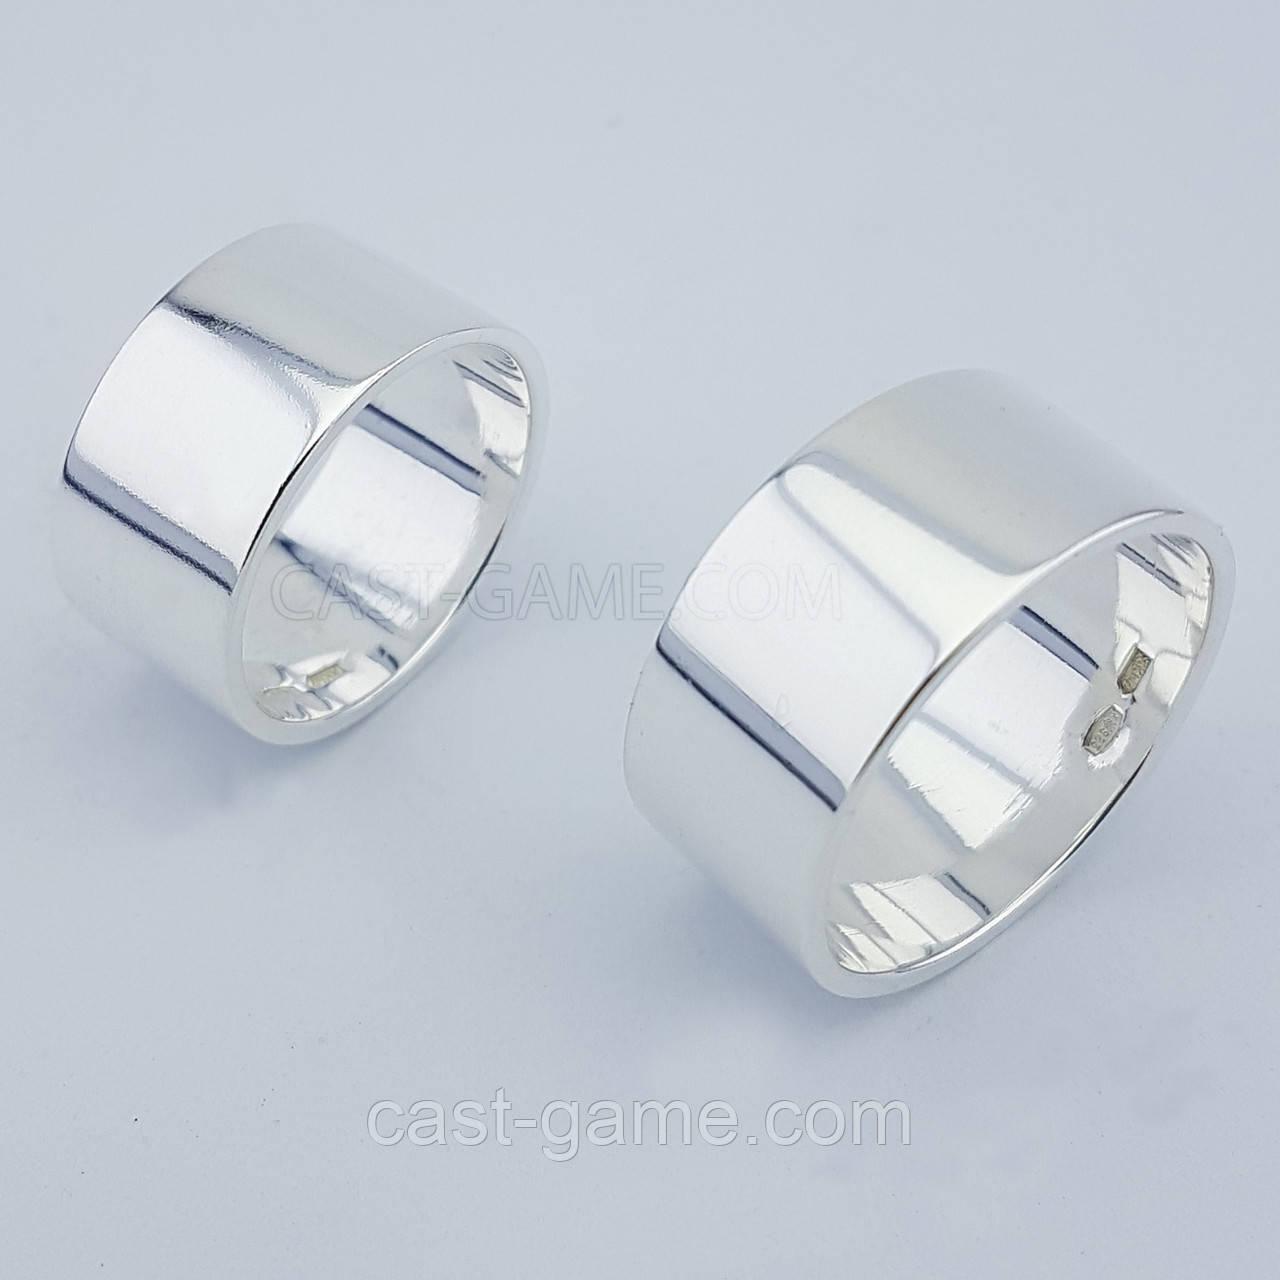 f778ea5b944e Обручальные кольца Американка (серебро) - CAST ювелирная мастерская в  Харькове